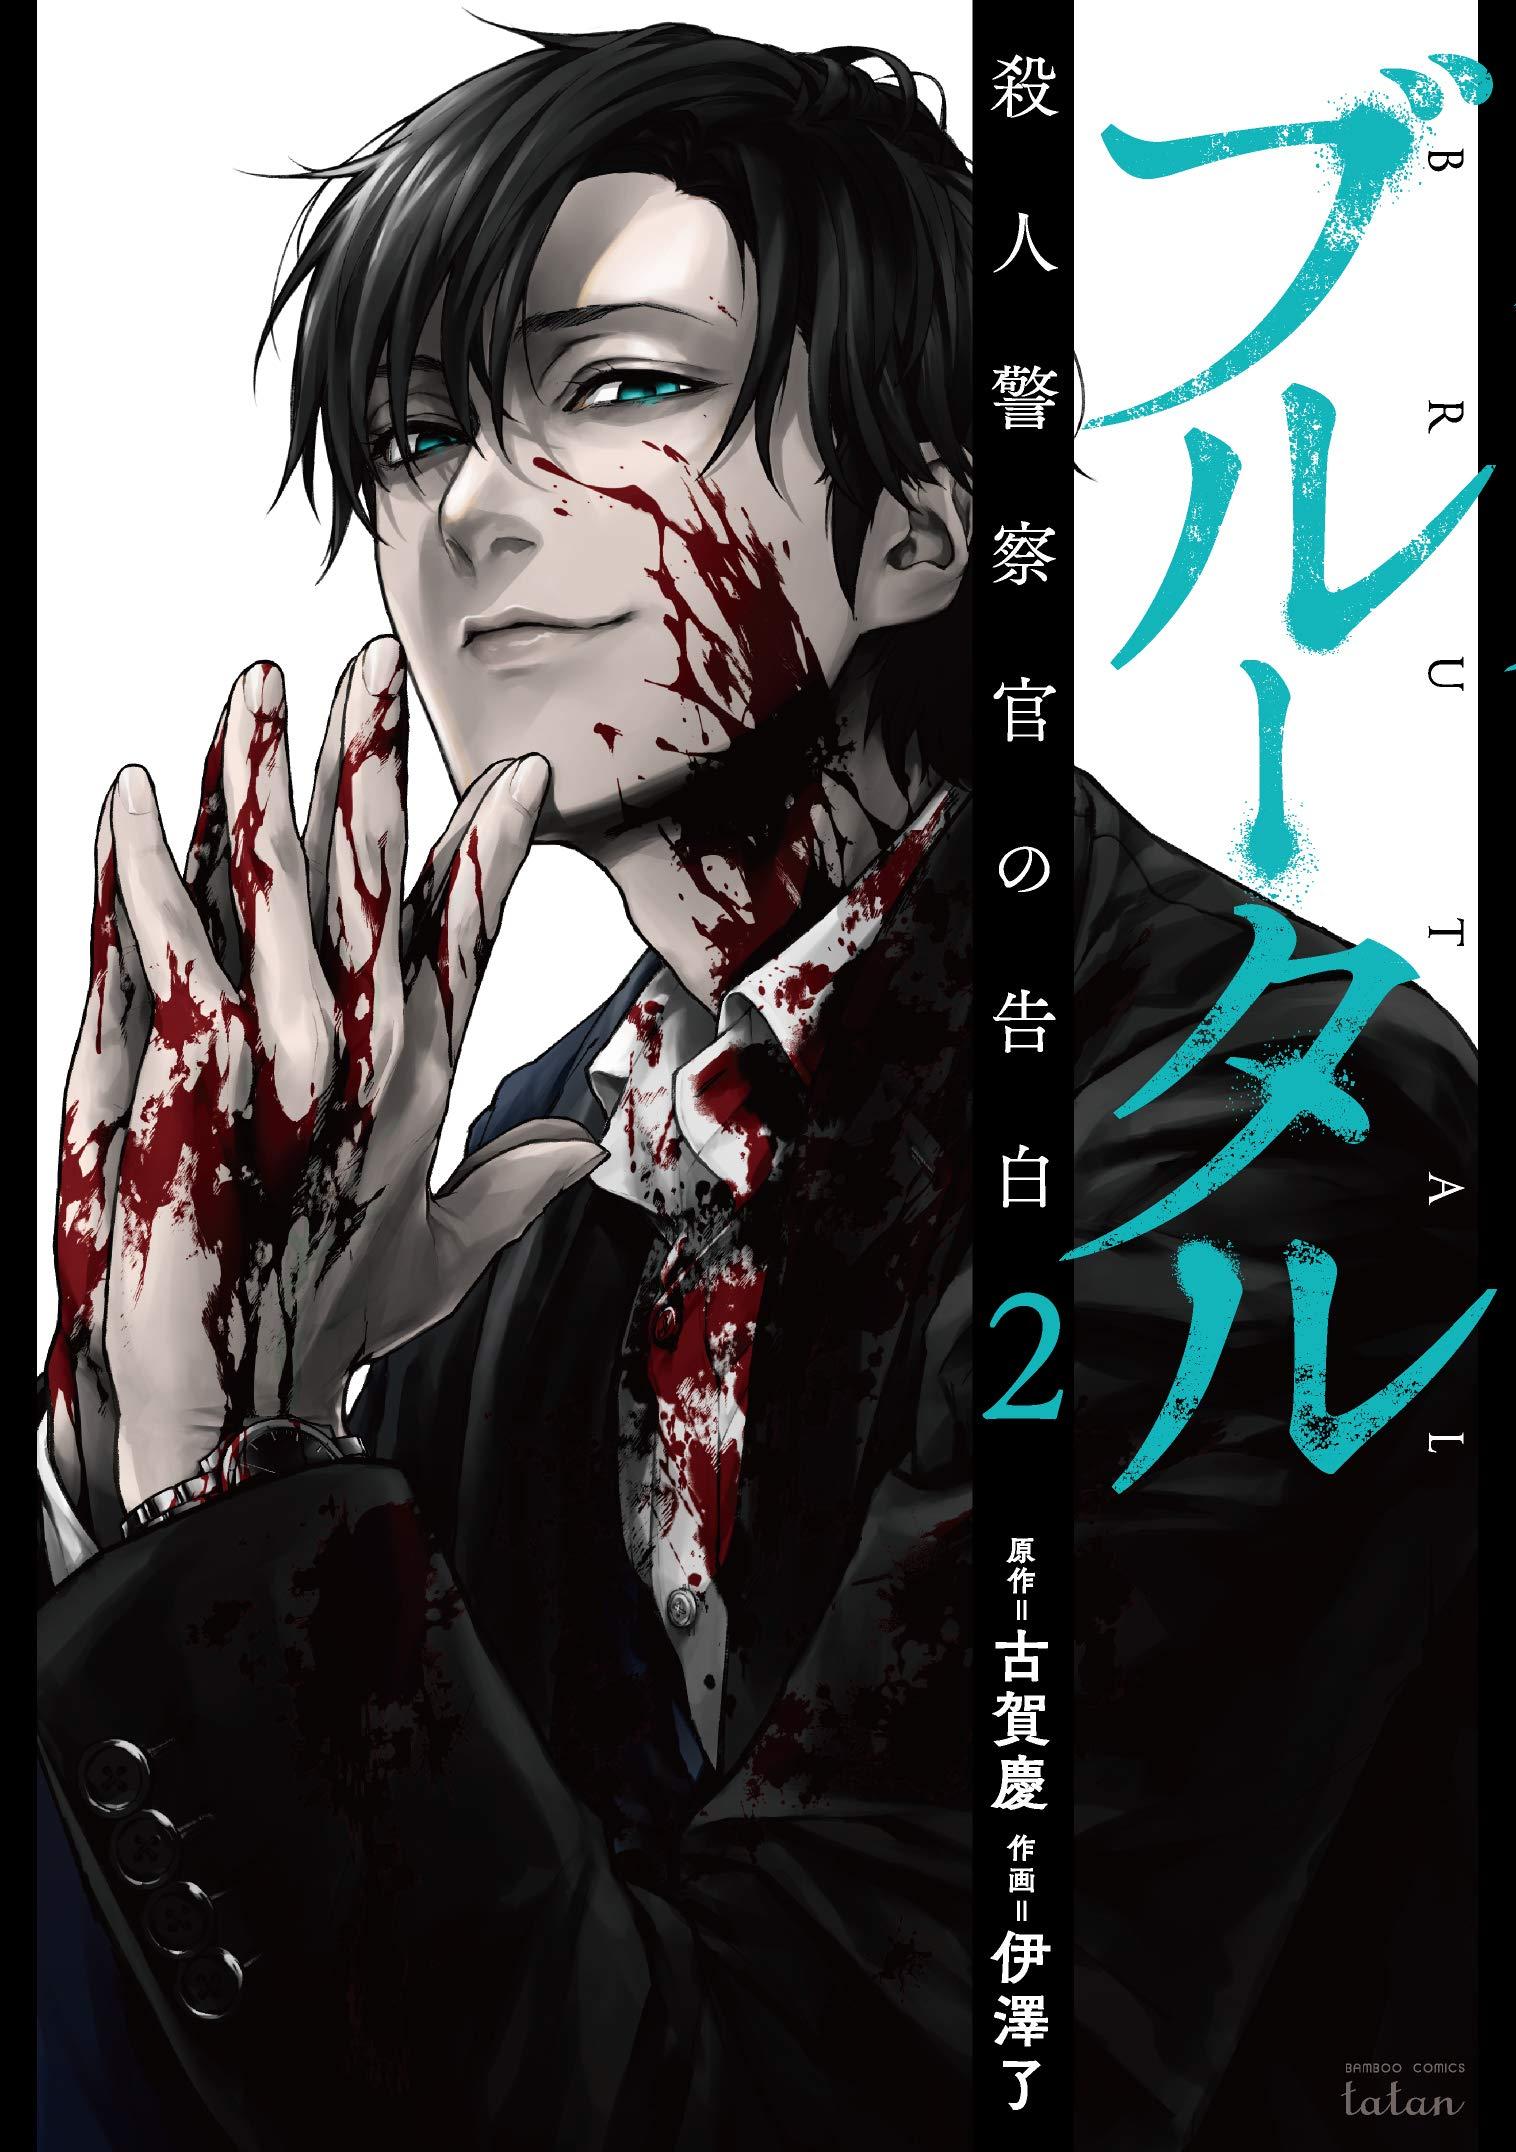 Brutal: Satsujin Kansatsukan no Kokuhaku Online